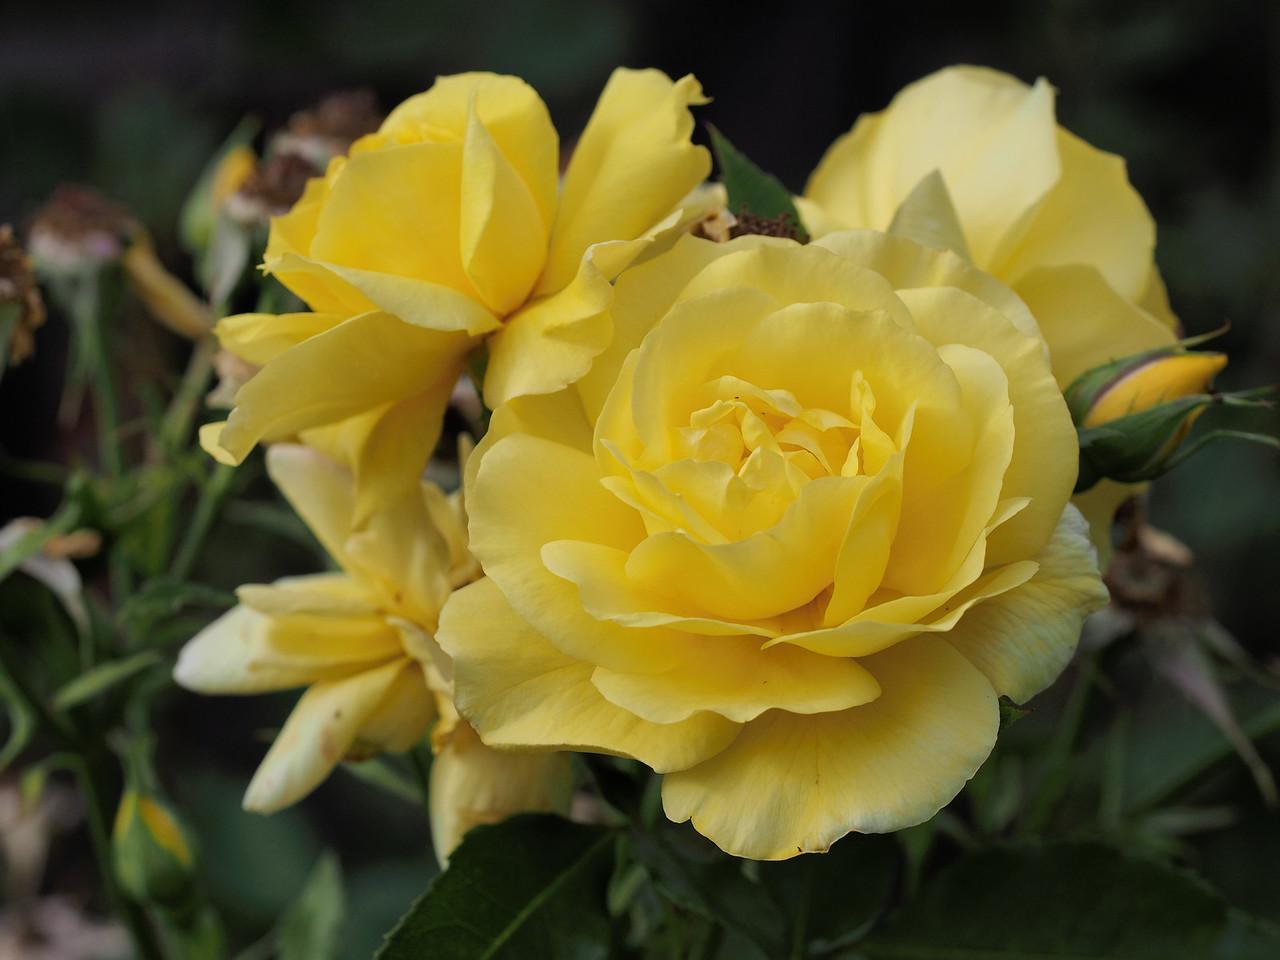 20131215_0707_5711 roses (Ivanhoe Park)